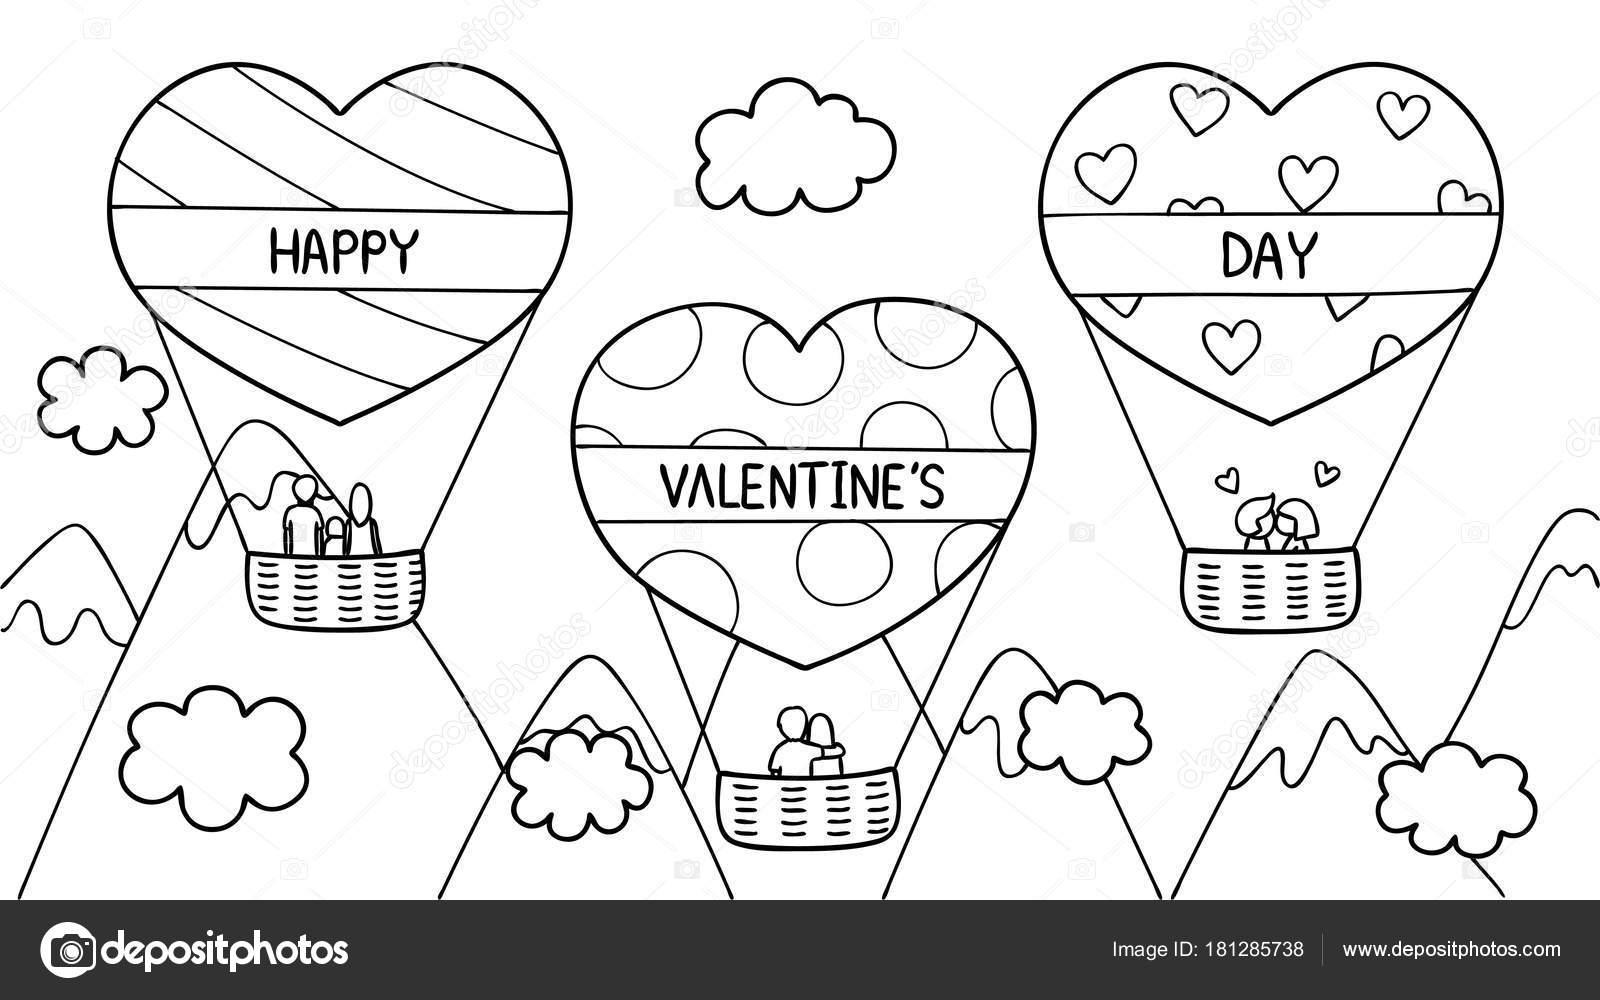 Coloriage Ballon En Coeur.Main Couples Famille Passer Bon Temps Sur Ballon Air Chaud Image